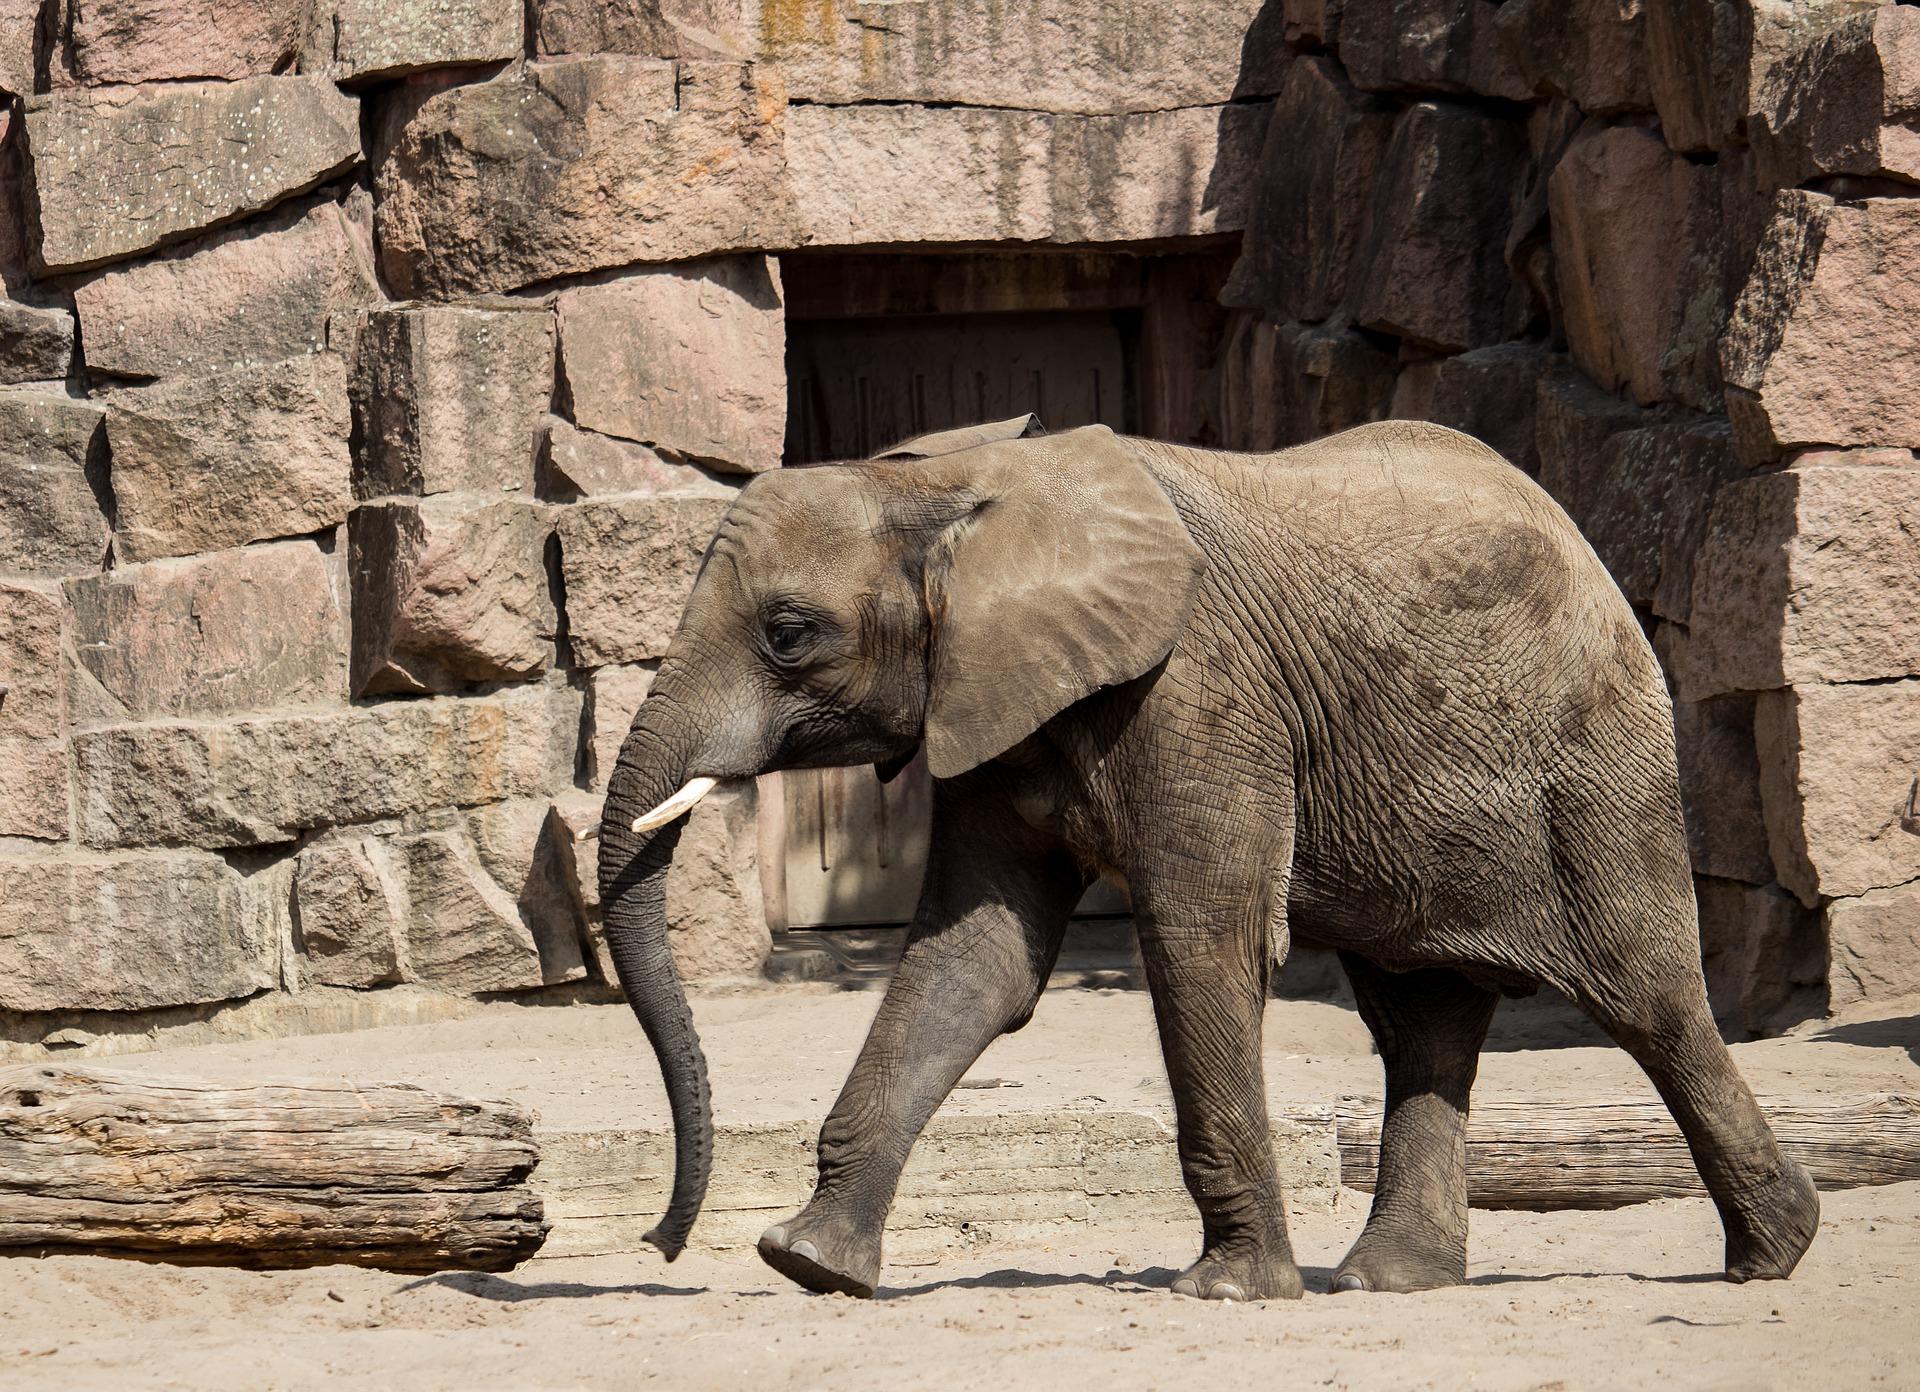 Elephants At The West Berlin Zoo - Zoologisches Garten